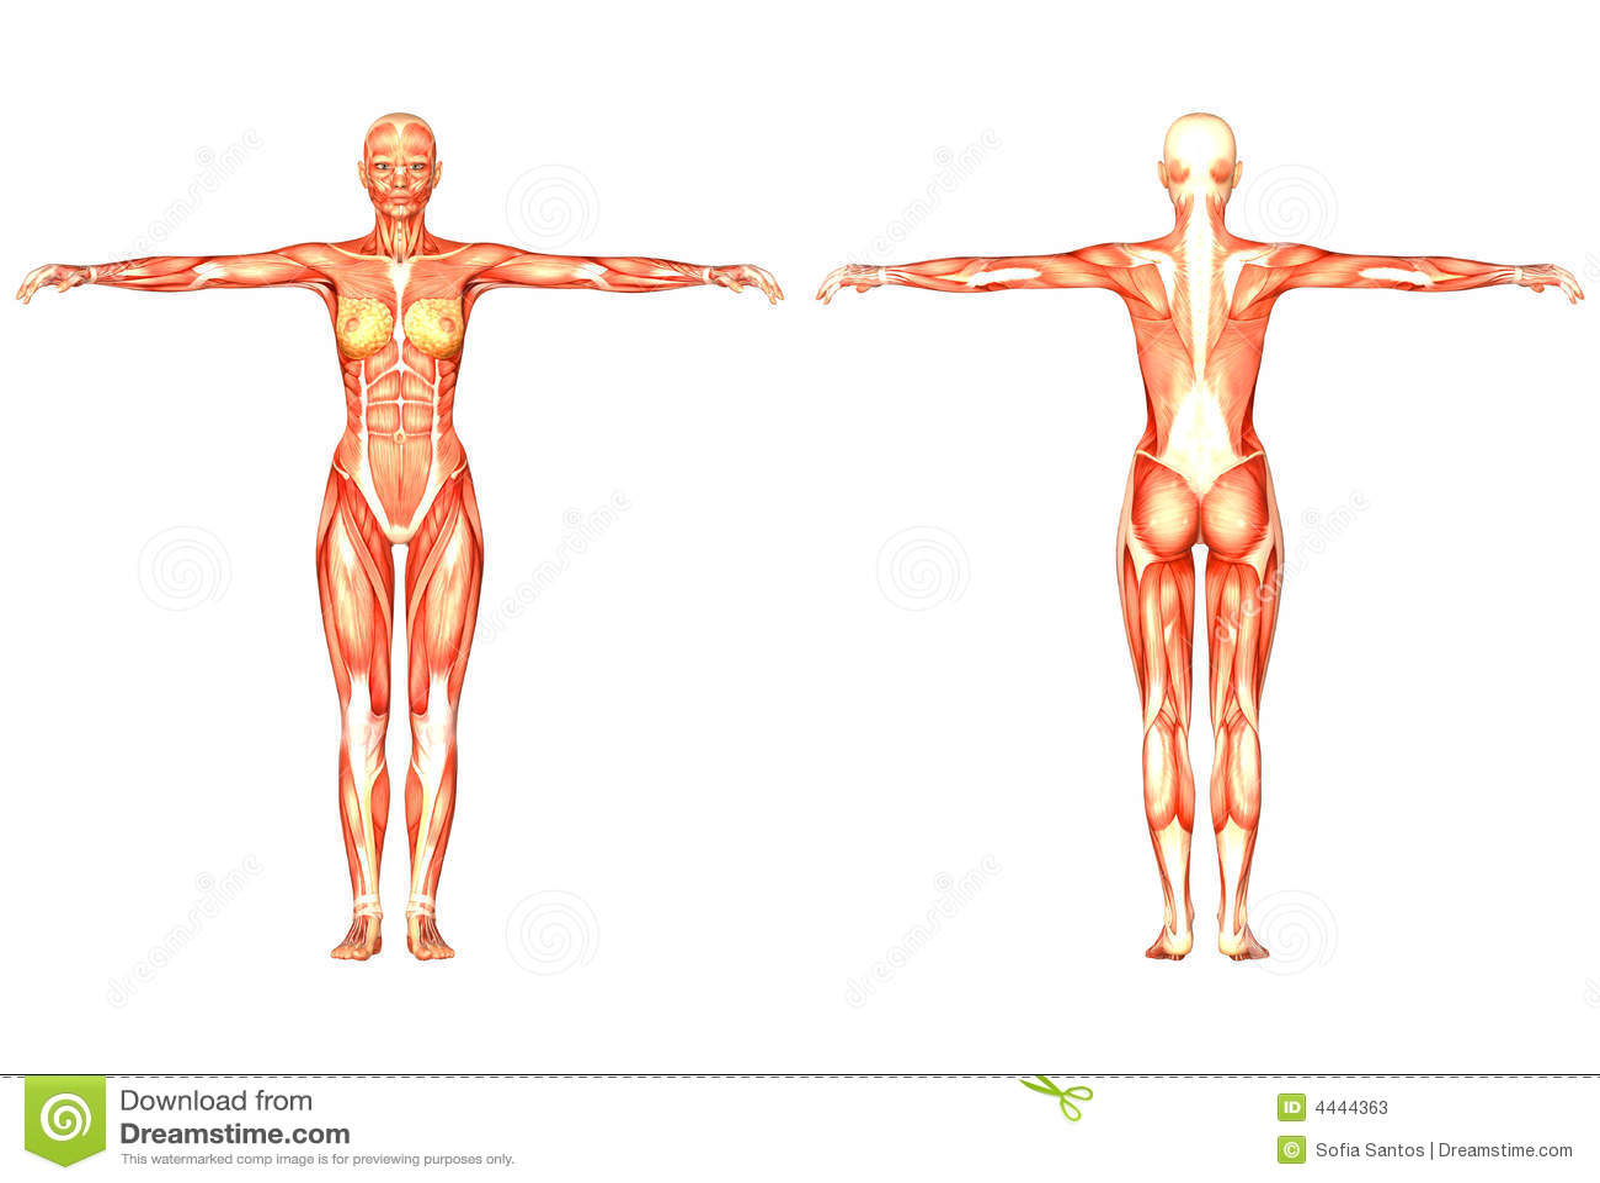 Menschliche Anatomie stock abbildung. Illustration von sehne - 4444363